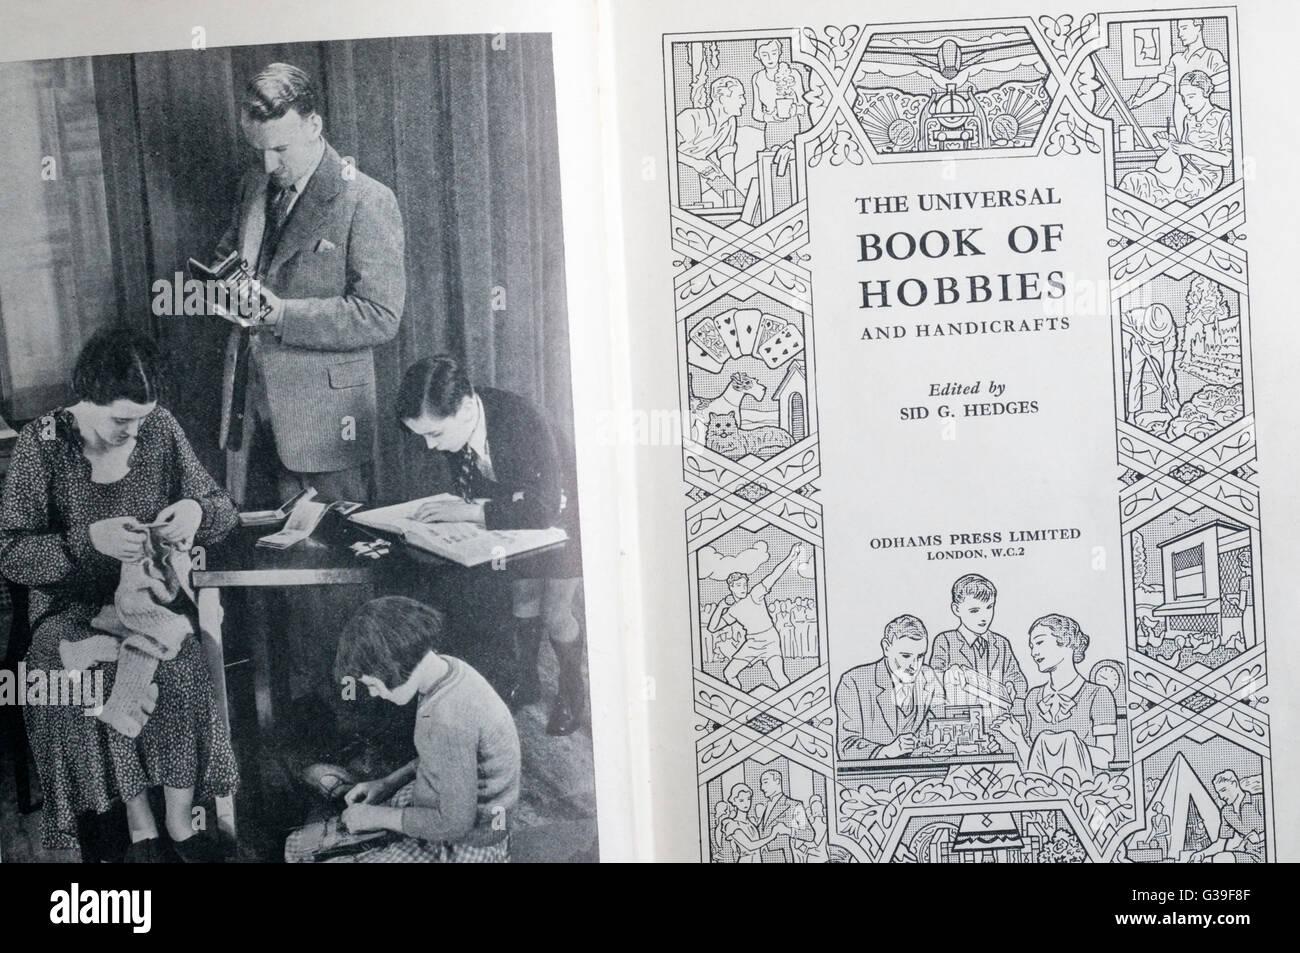 Le Livre de passe-temps et artisanat édité par Sid Hedges et publié par l'Odhams Press en 1930 Photo Stock